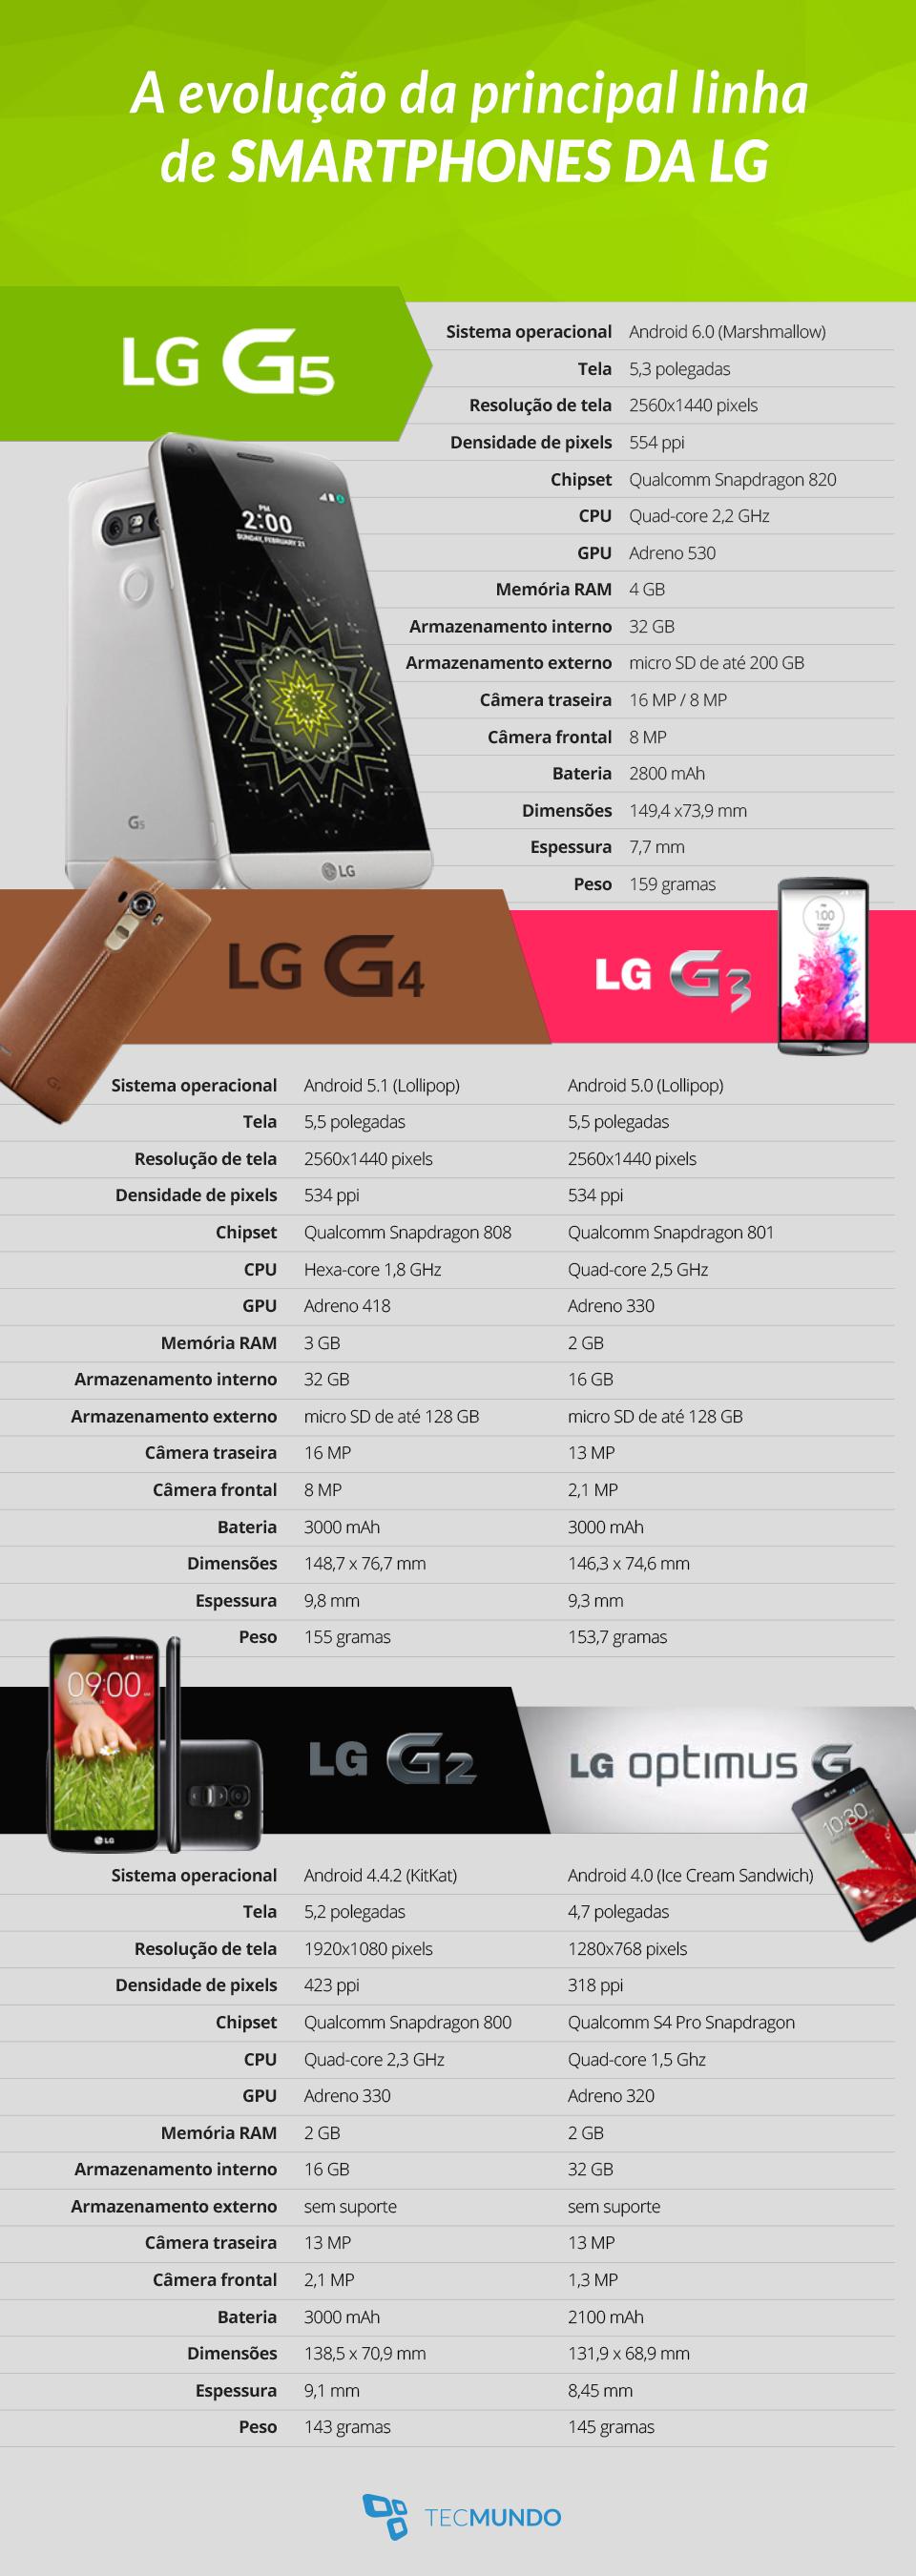 LG G5: confira a evolução da principal linha de smartphones da LG